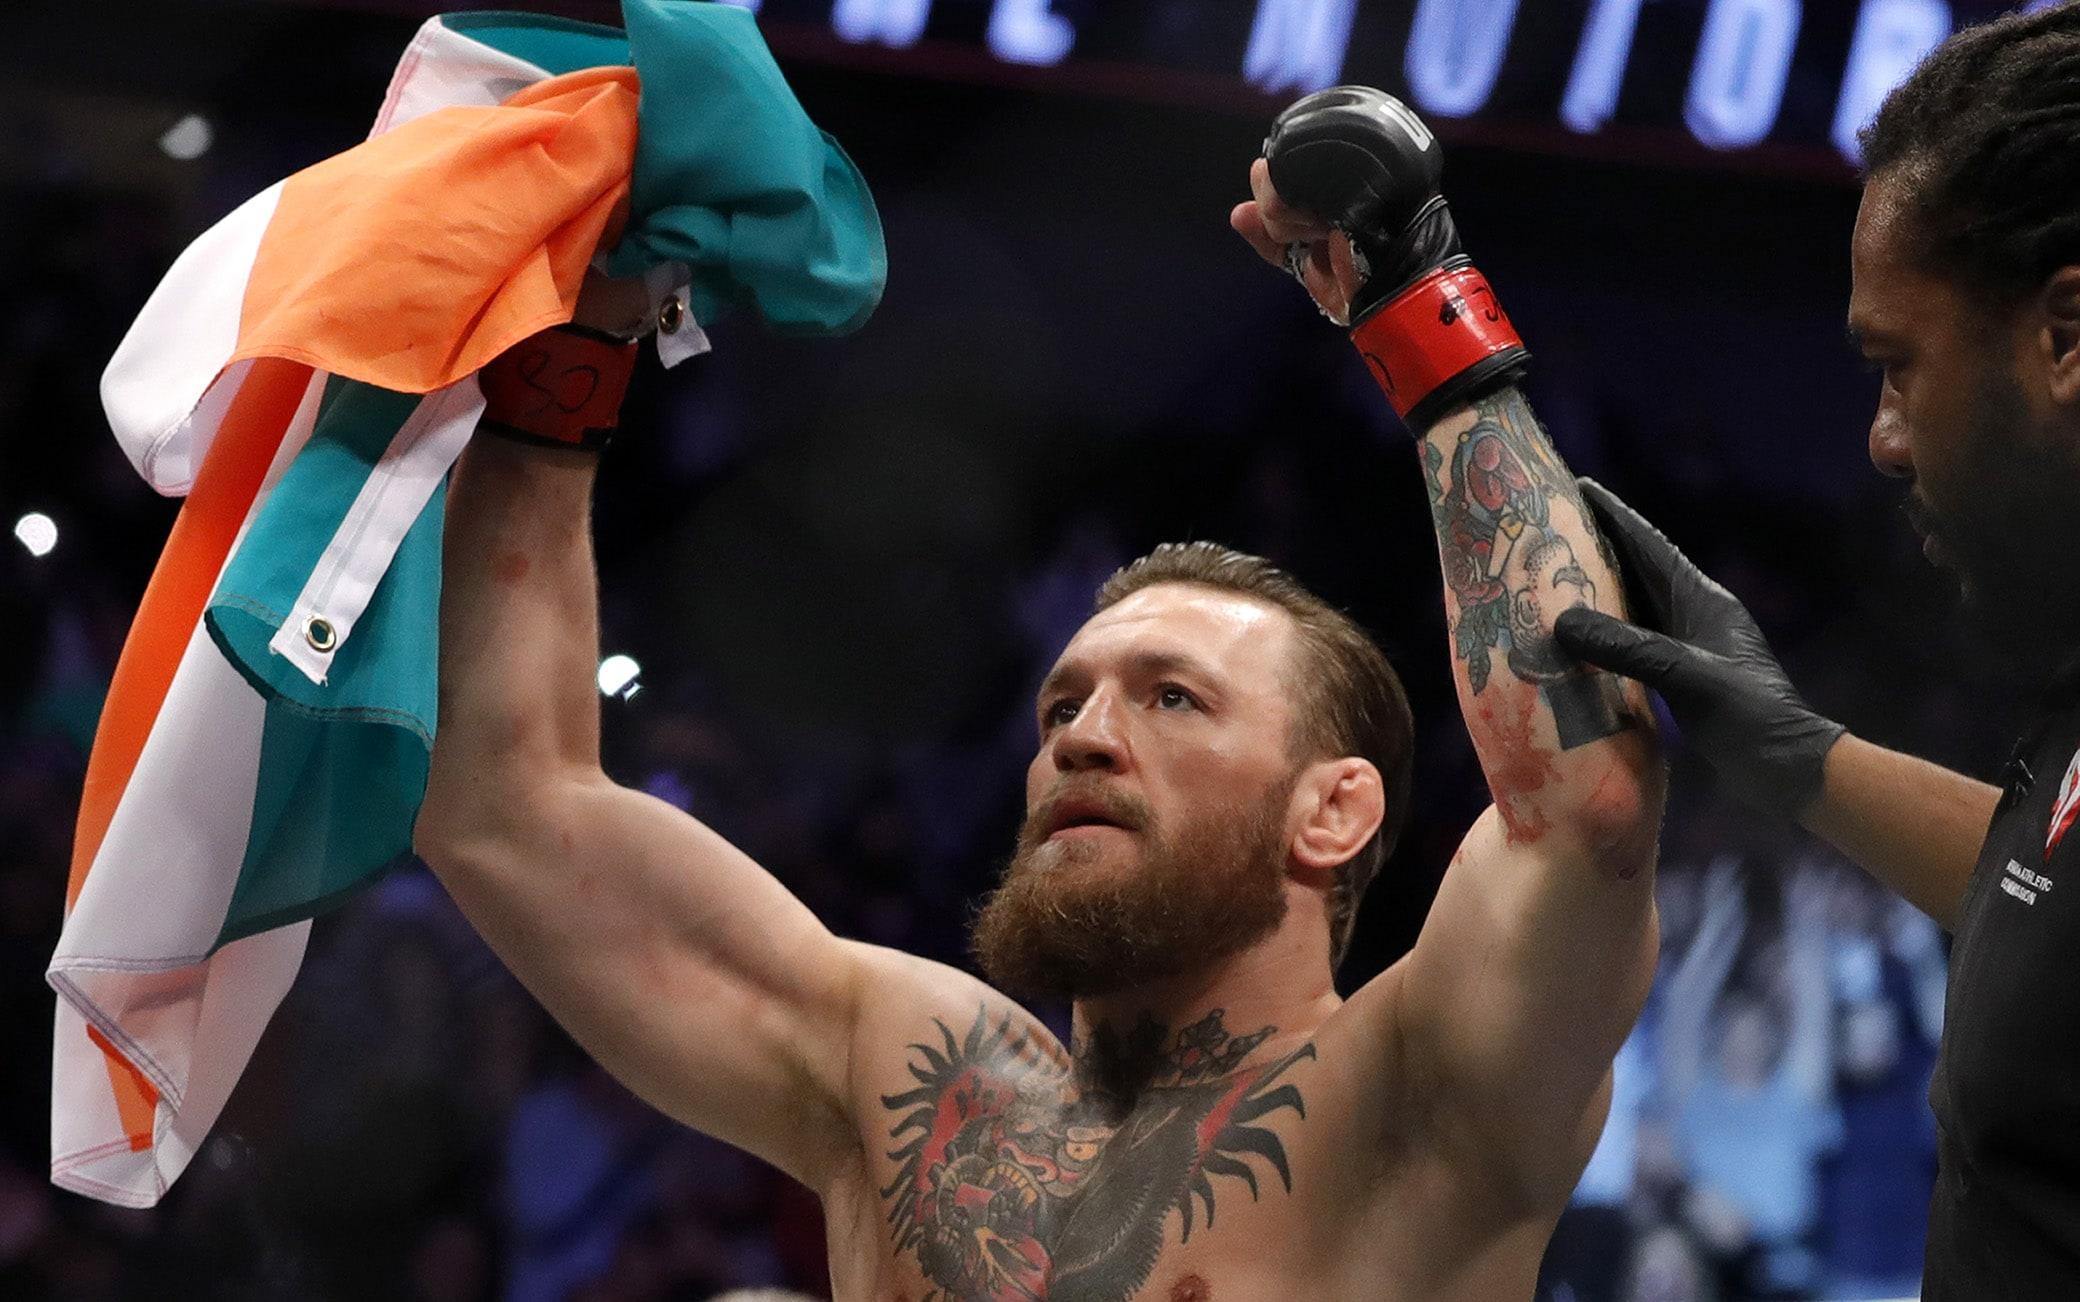 McGregor esulta dopo la vittoria contro Cerrone